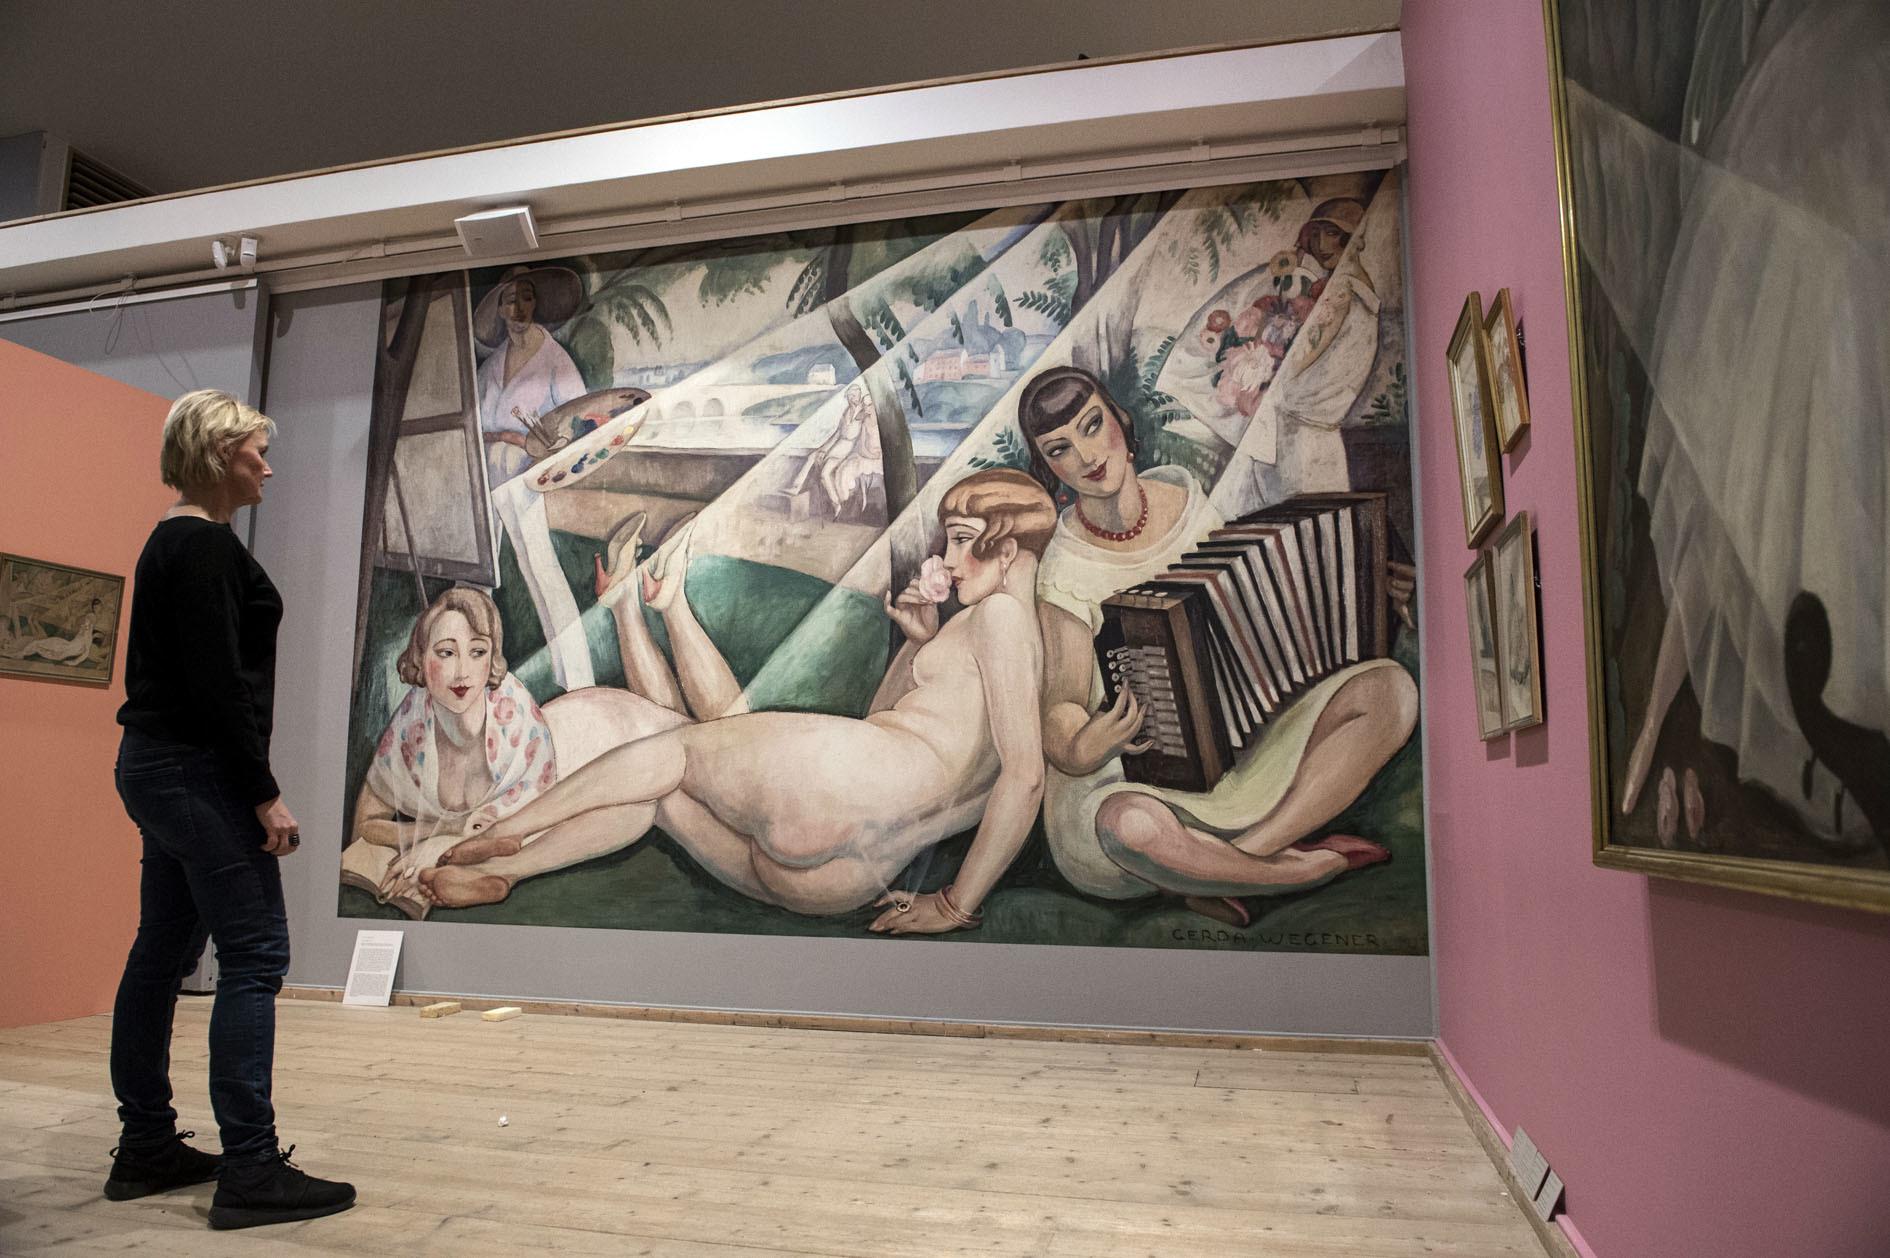 naken manliga konst modeller